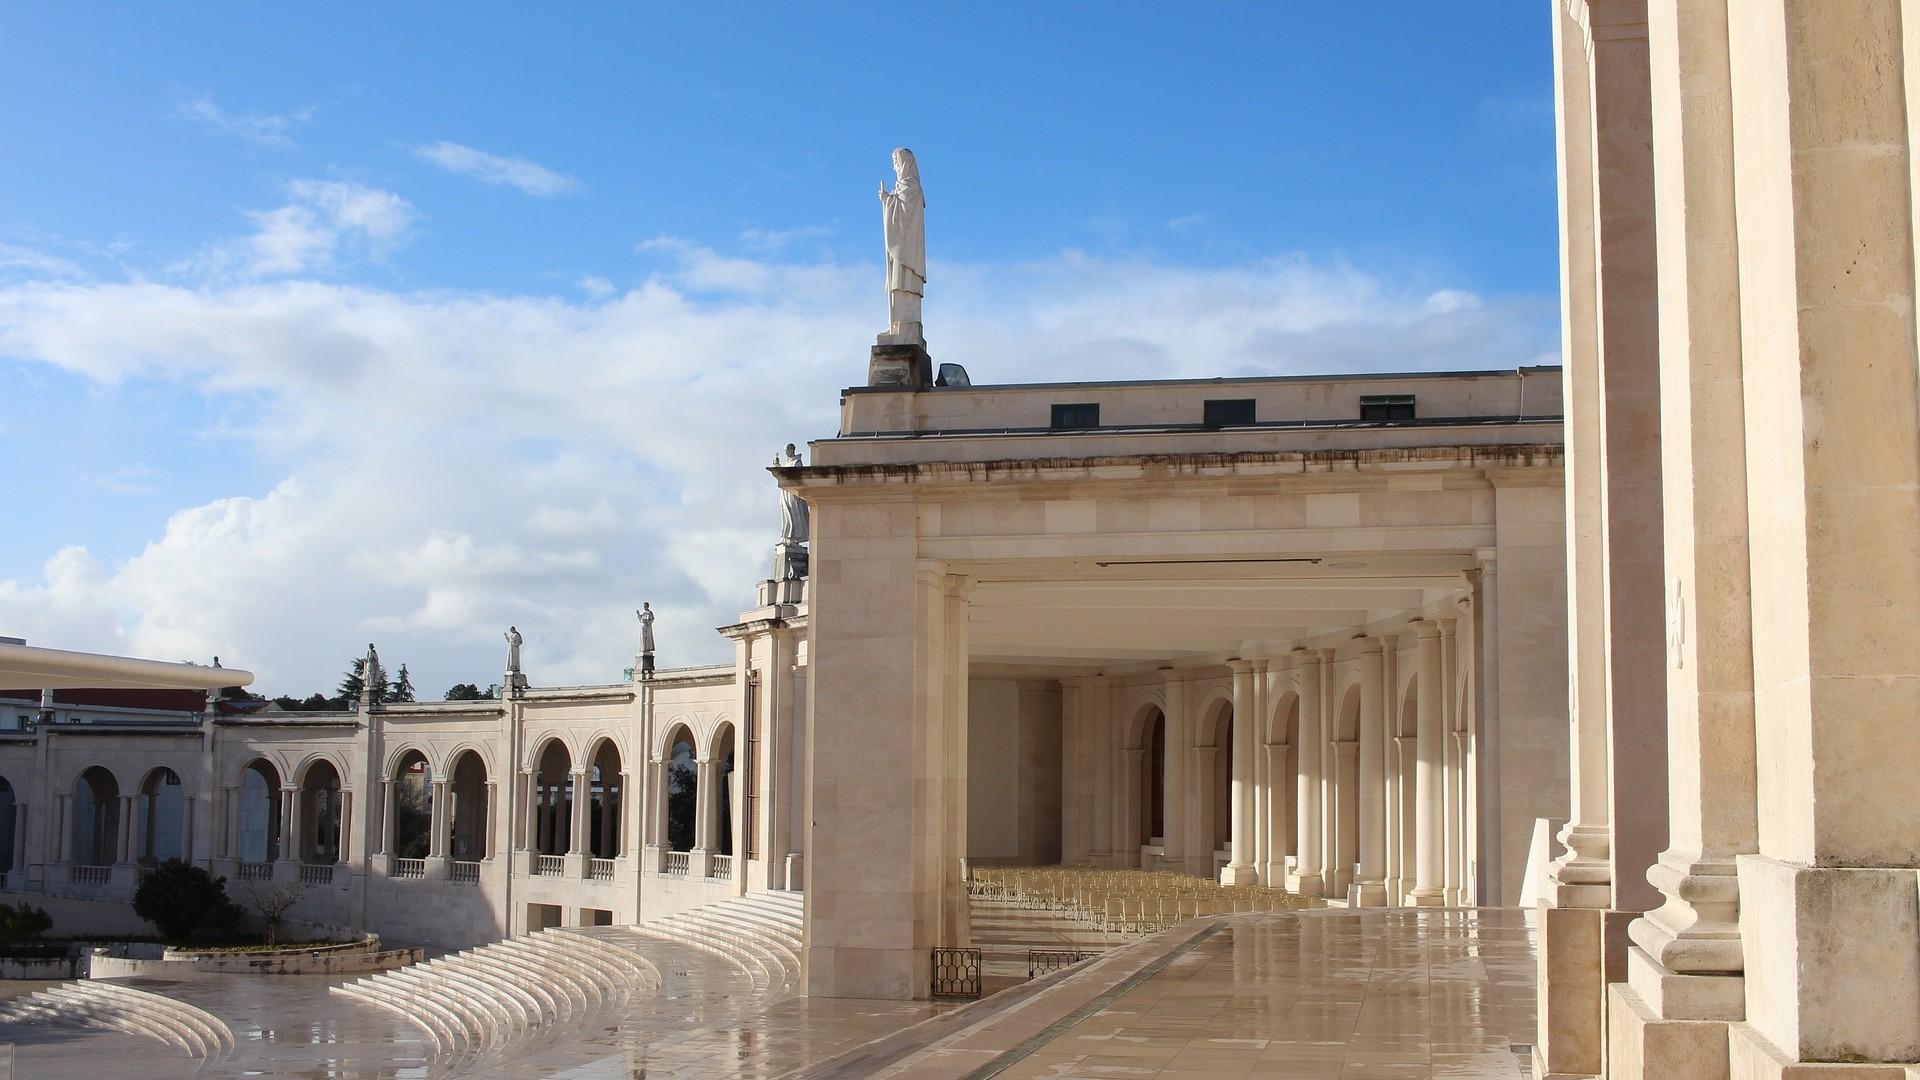 Sanctuarul de la Fatima va celebra la 13 de mai aniversarea apariţiei Fecioarei fără pelerini